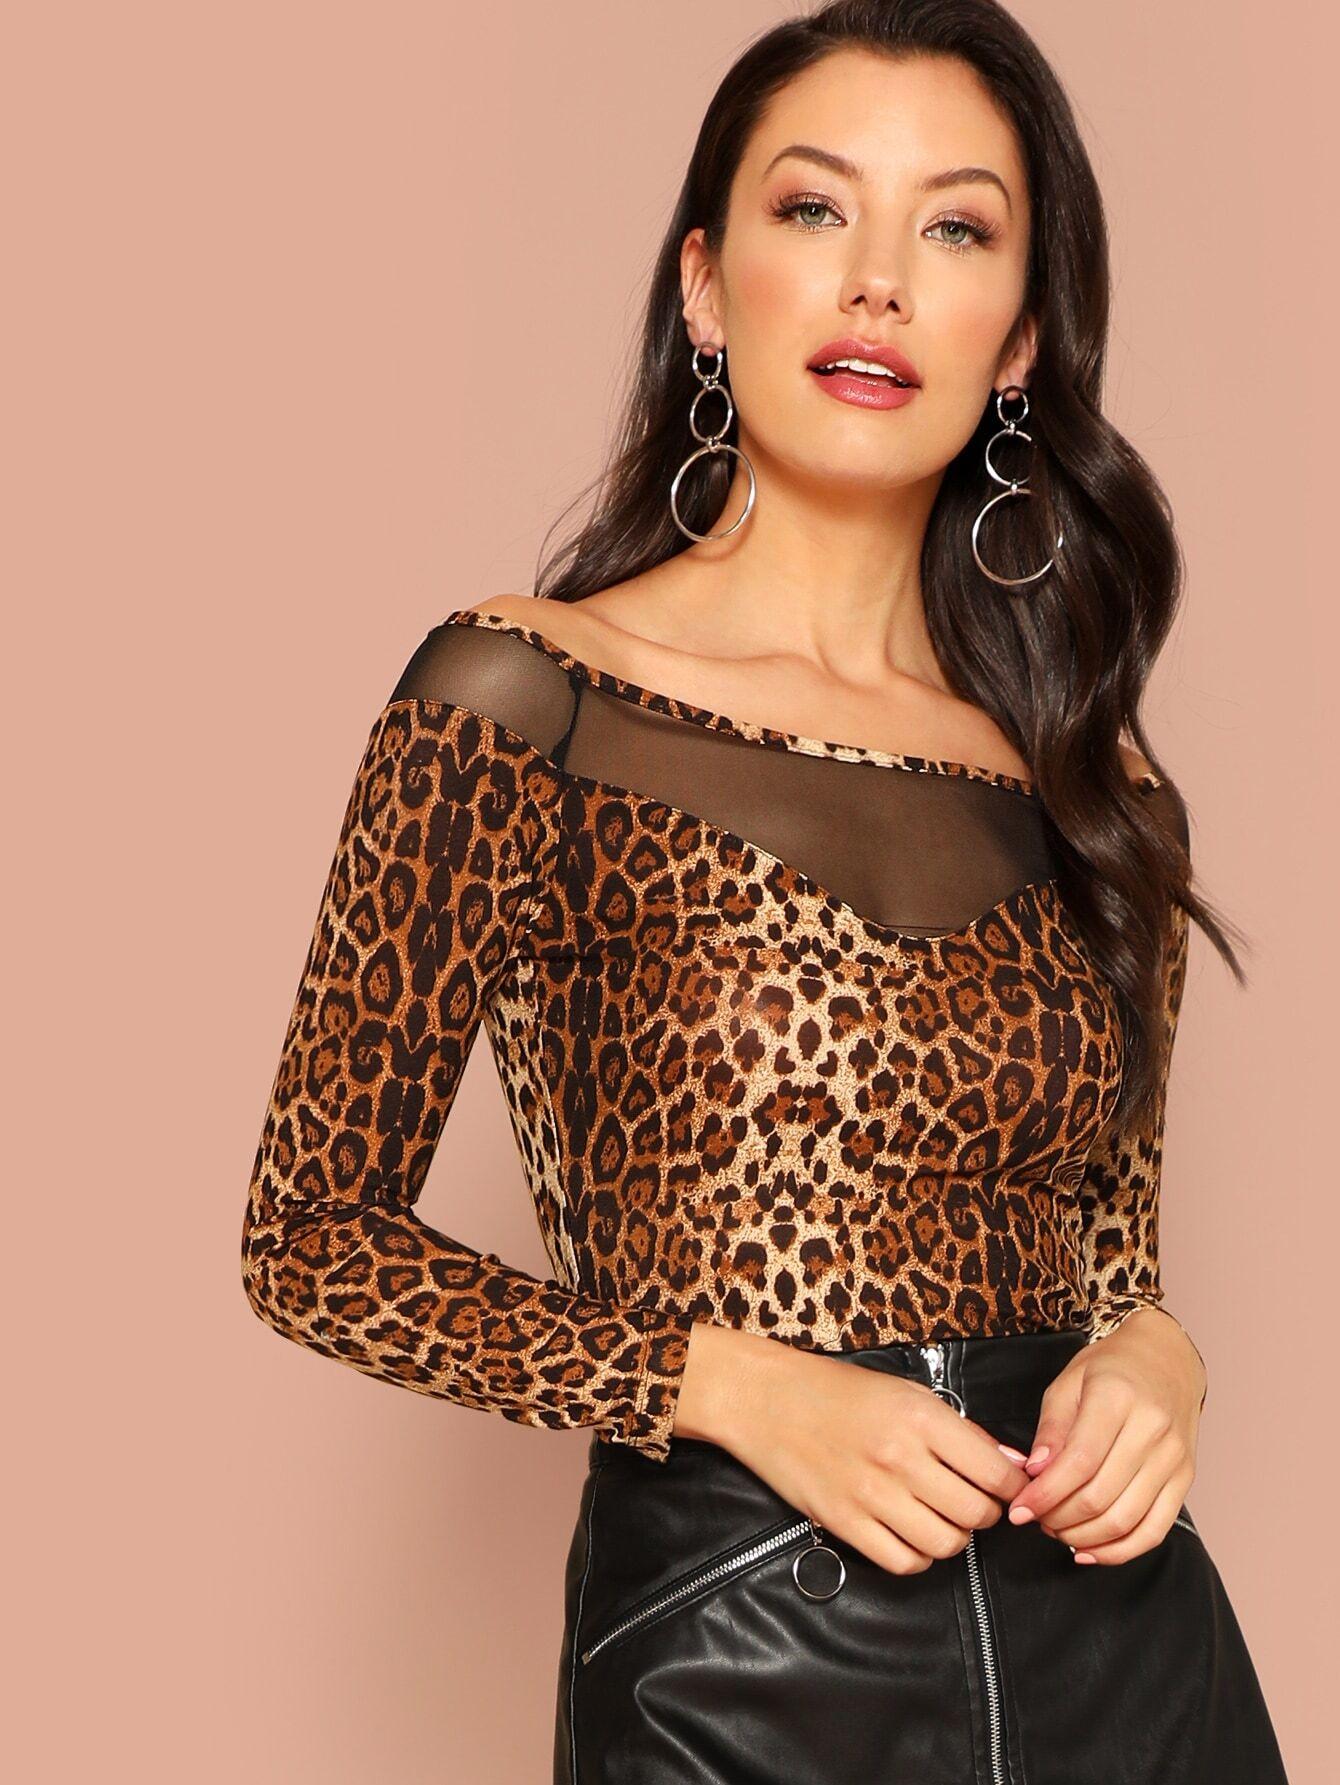 Купить Леопардовая футболка вставки сетки, Candace, SheIn